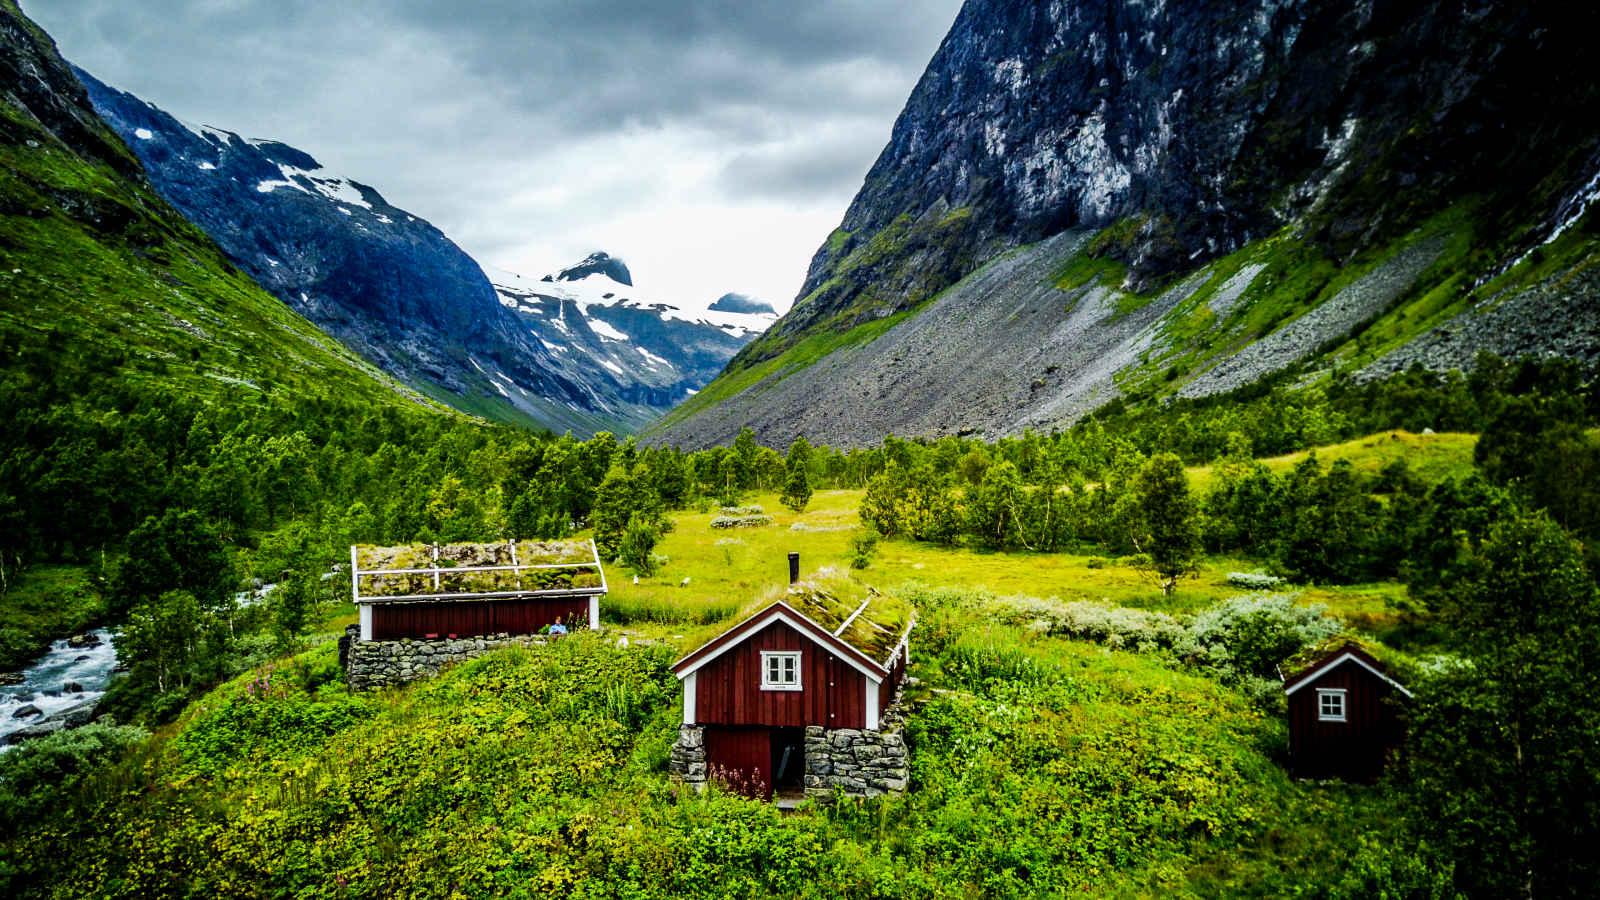 Séjour Norvège - Balade sur le Sogneford